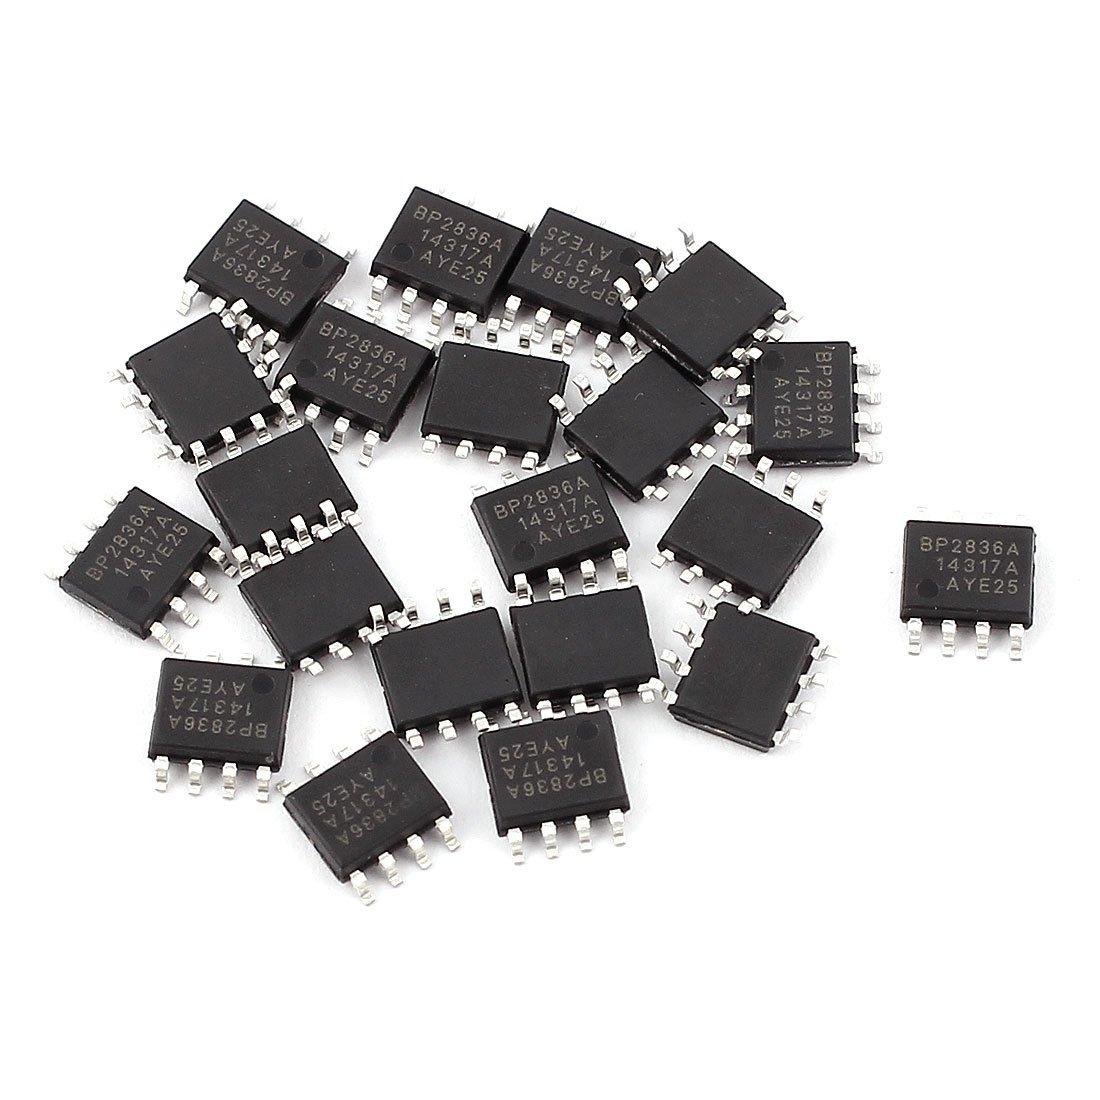 5 pieces SOP8 Mono OPamp to DIP8 Dual opamp PCB